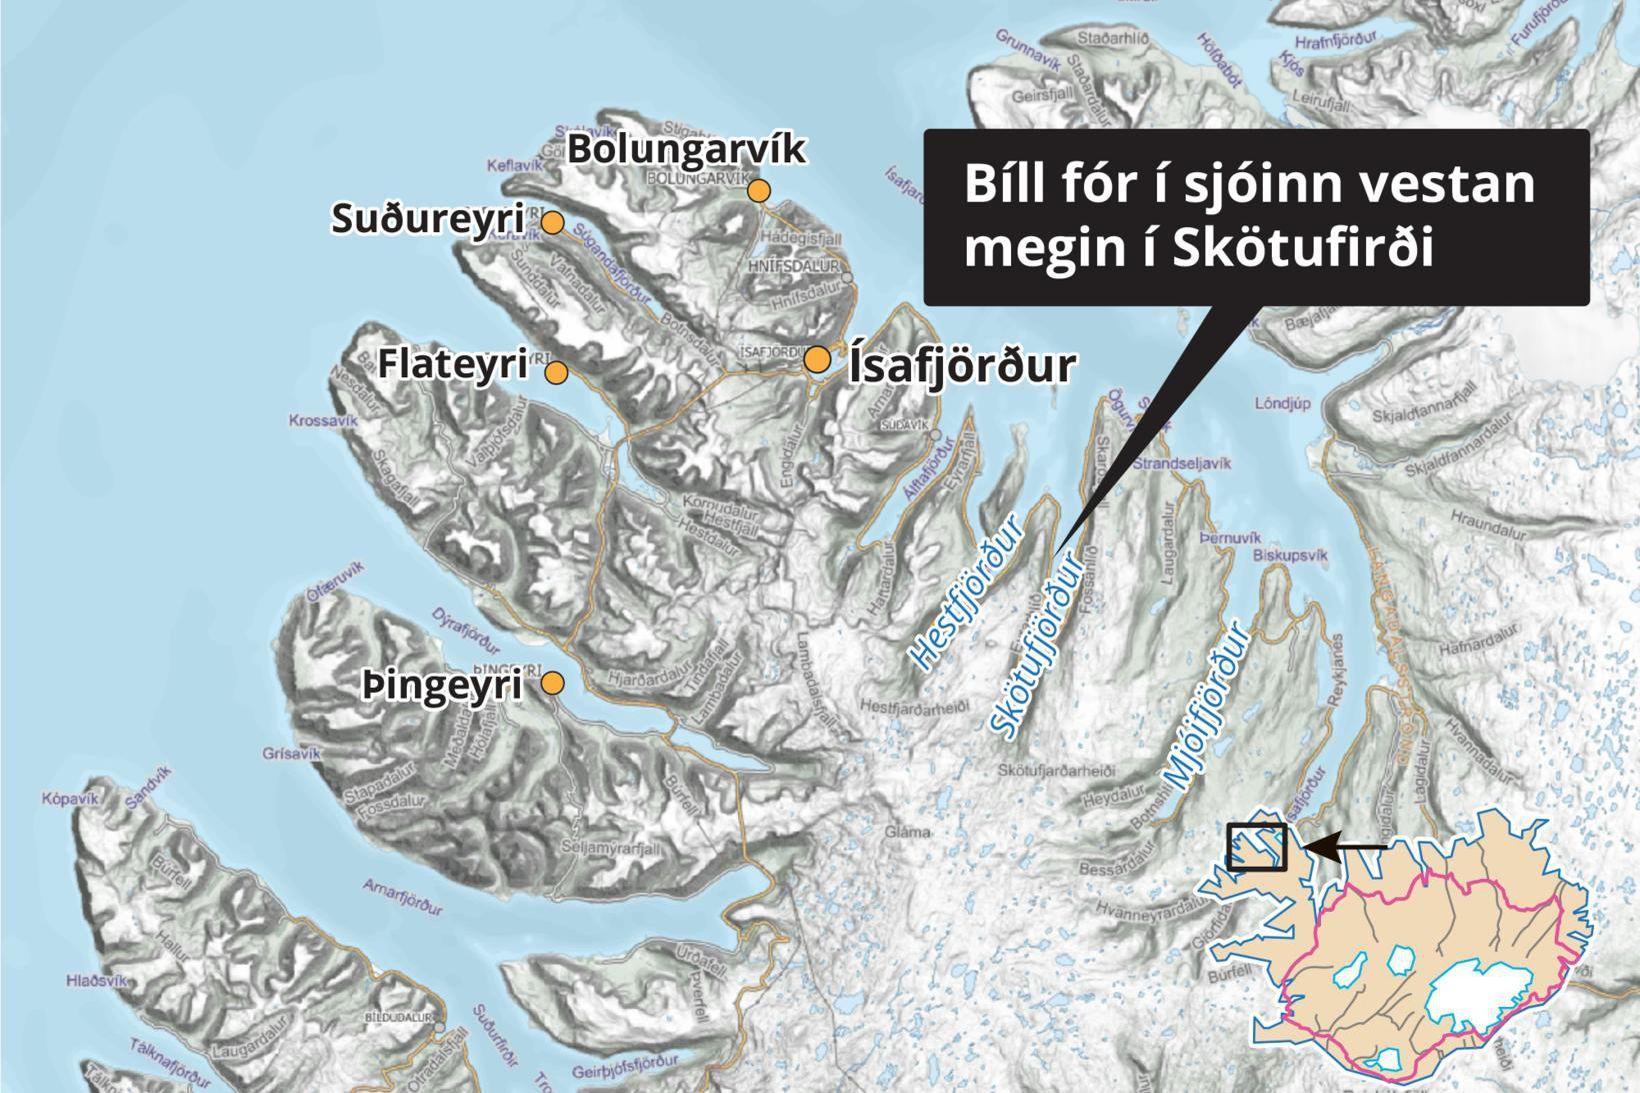 Bíllinn hafnaði í sjónum í Skötufirði.